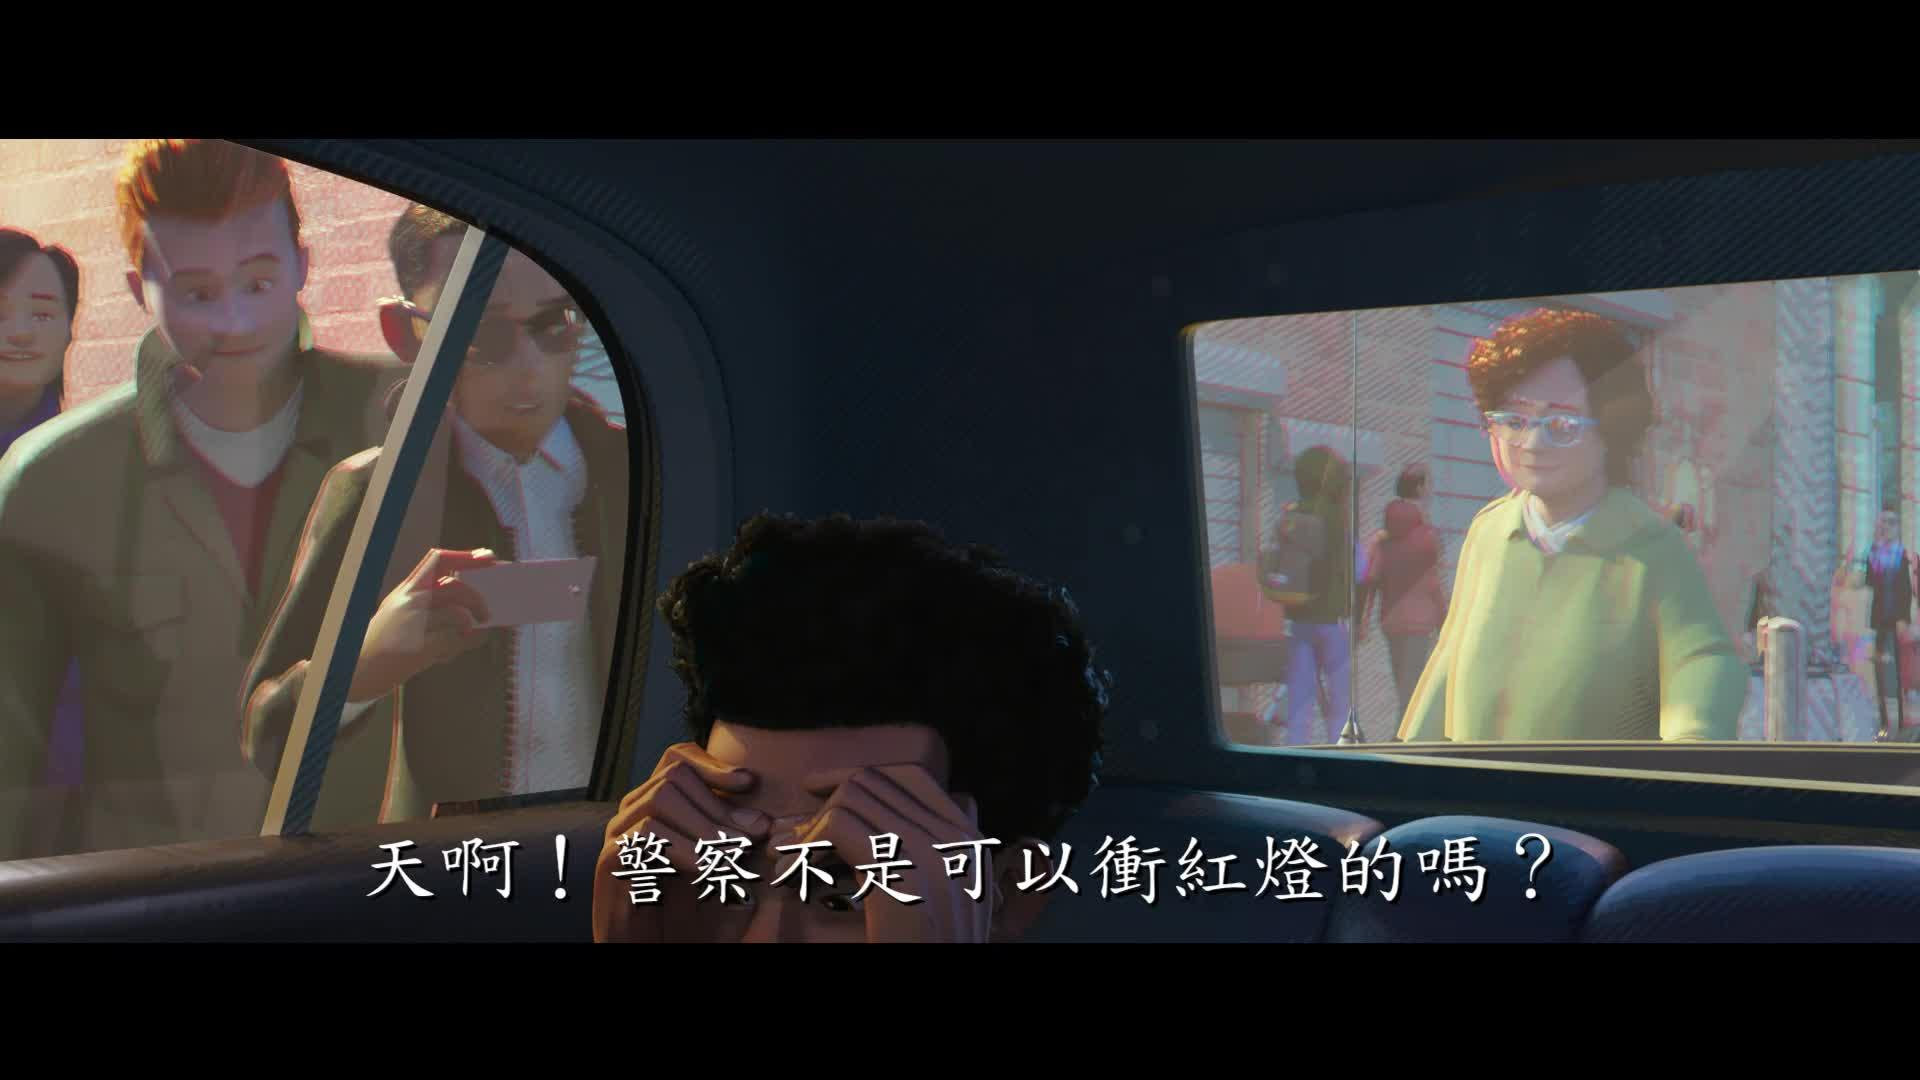 《蜘蛛俠:跳入蜘蛛宇宙》預告